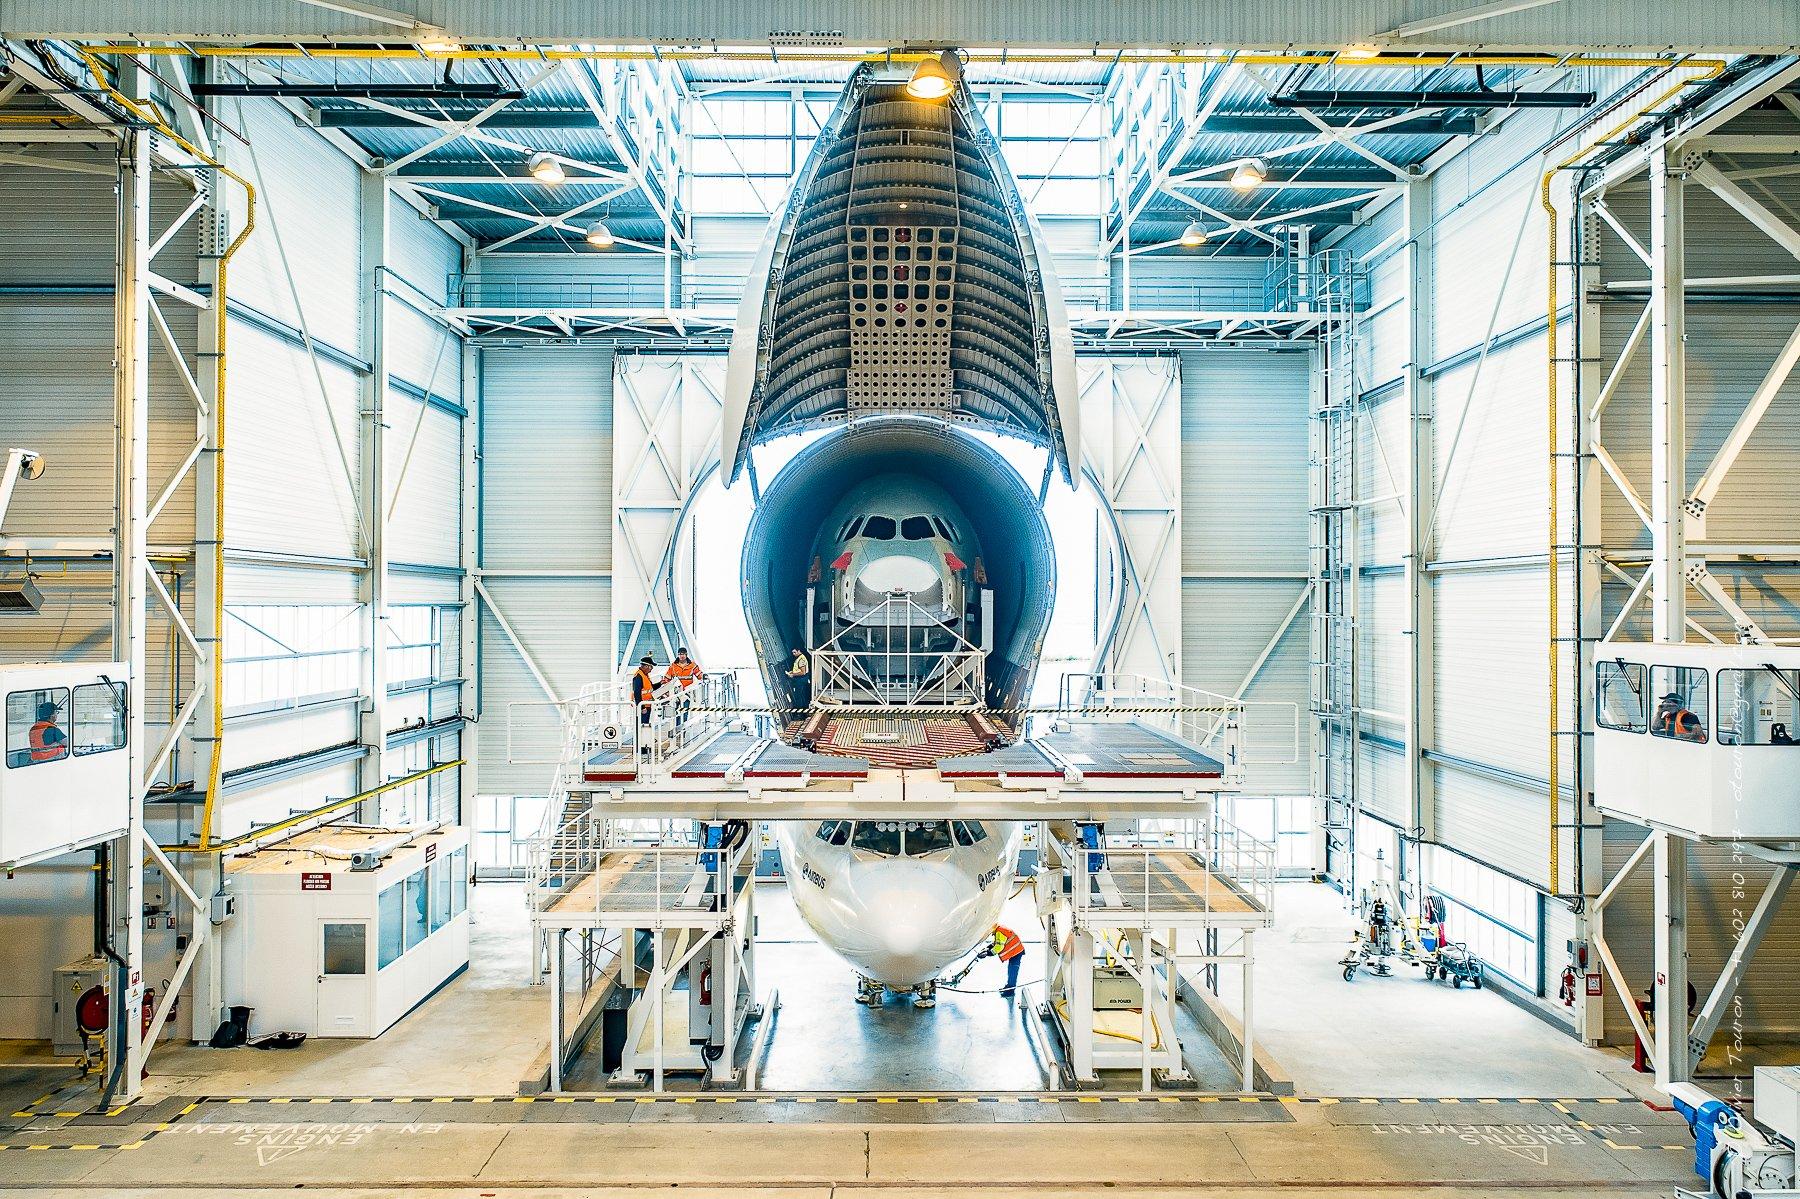 06 juin 2018. Aéroport de Saint-Nazaire Montoir. Hangar Airbus pour l'avion cargo Beluga. Chargement et déchargement de pièces d'Airbus. // © Olivier Touron / Divergence